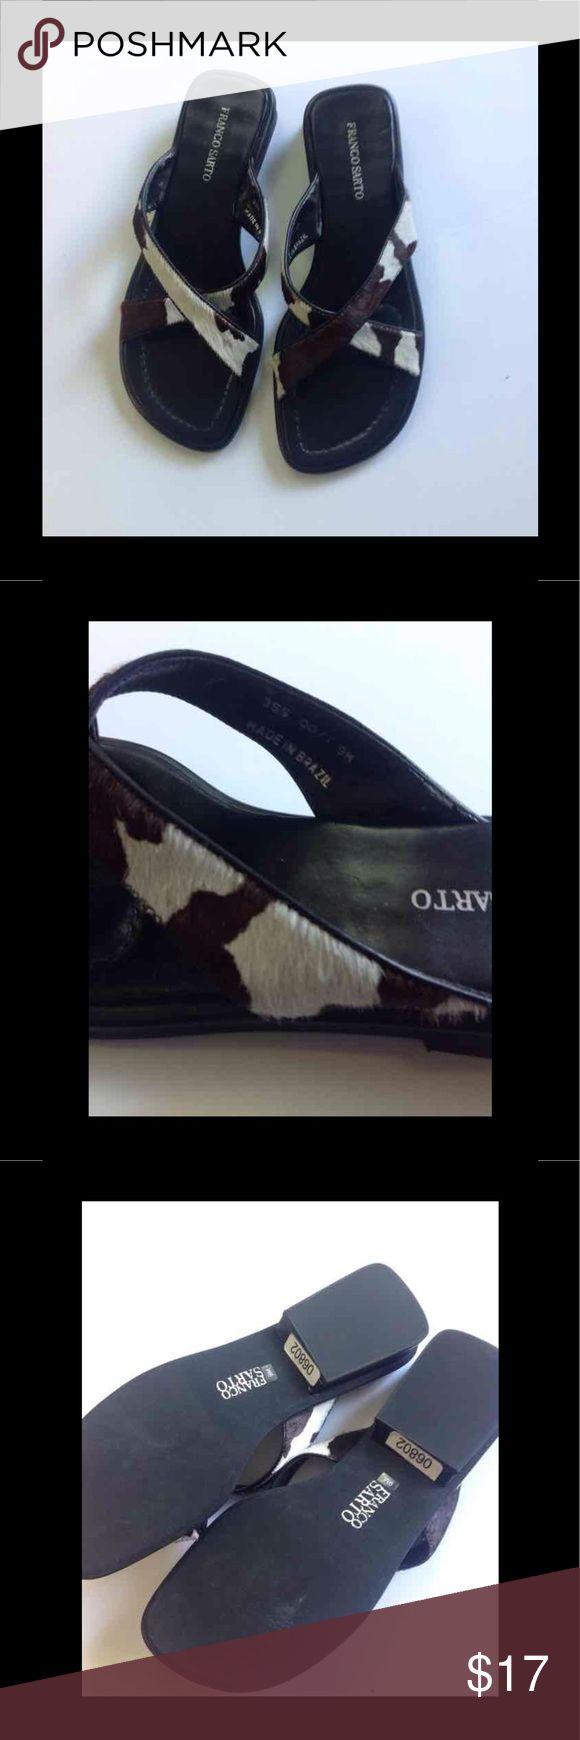 Sandals Franco Sarto size 9M Black Cow Fur Slip on Franco Sarto cow fur sandals size 9 M Franco Sarto Shoes Sandals